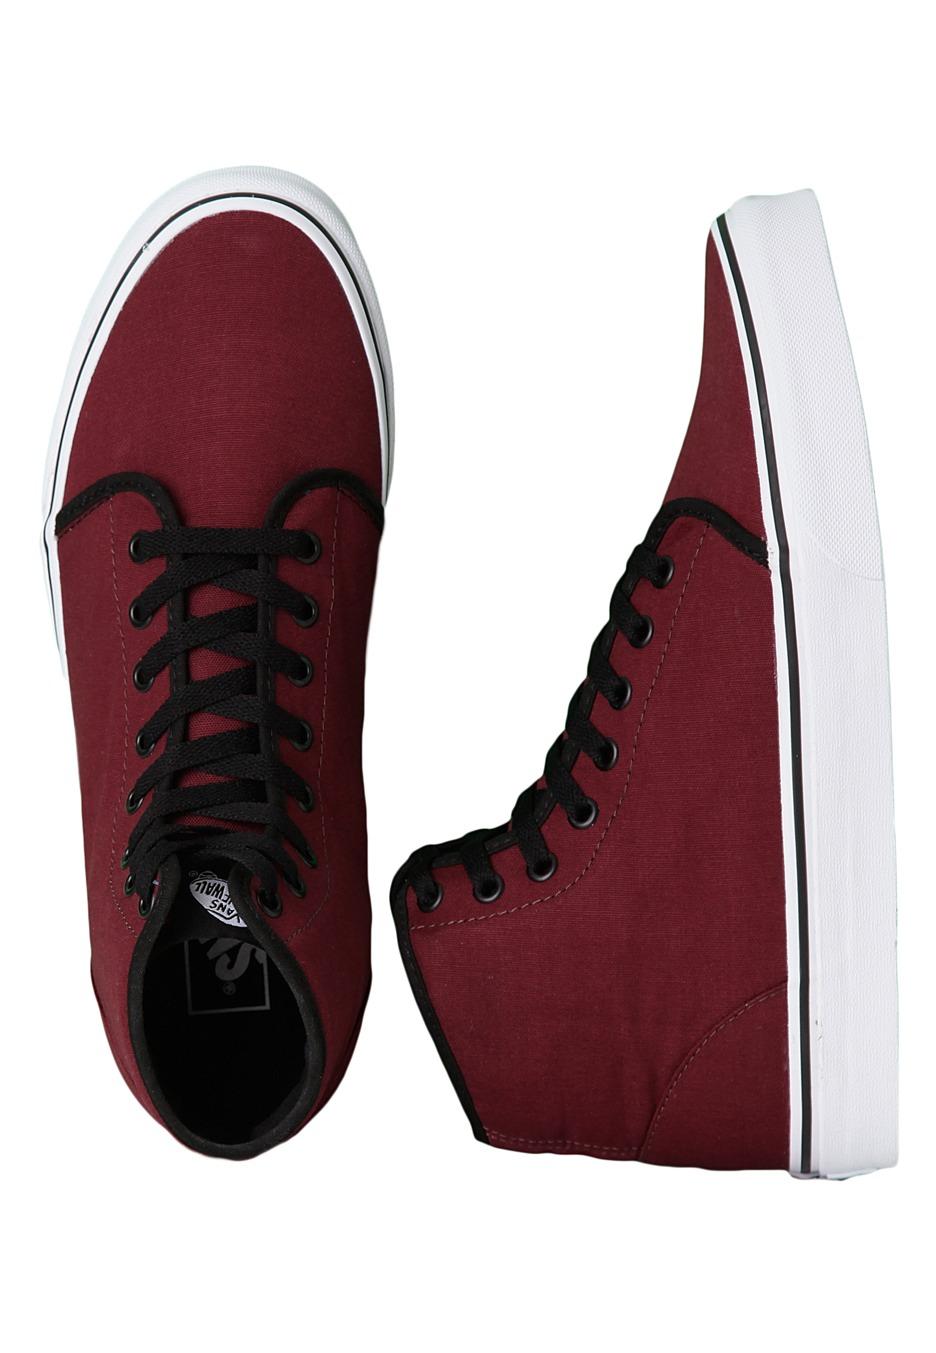 9cc8bf6cca0853 Vans - 106 Hi Port Royale Black - Shoes - Impericon.com UK